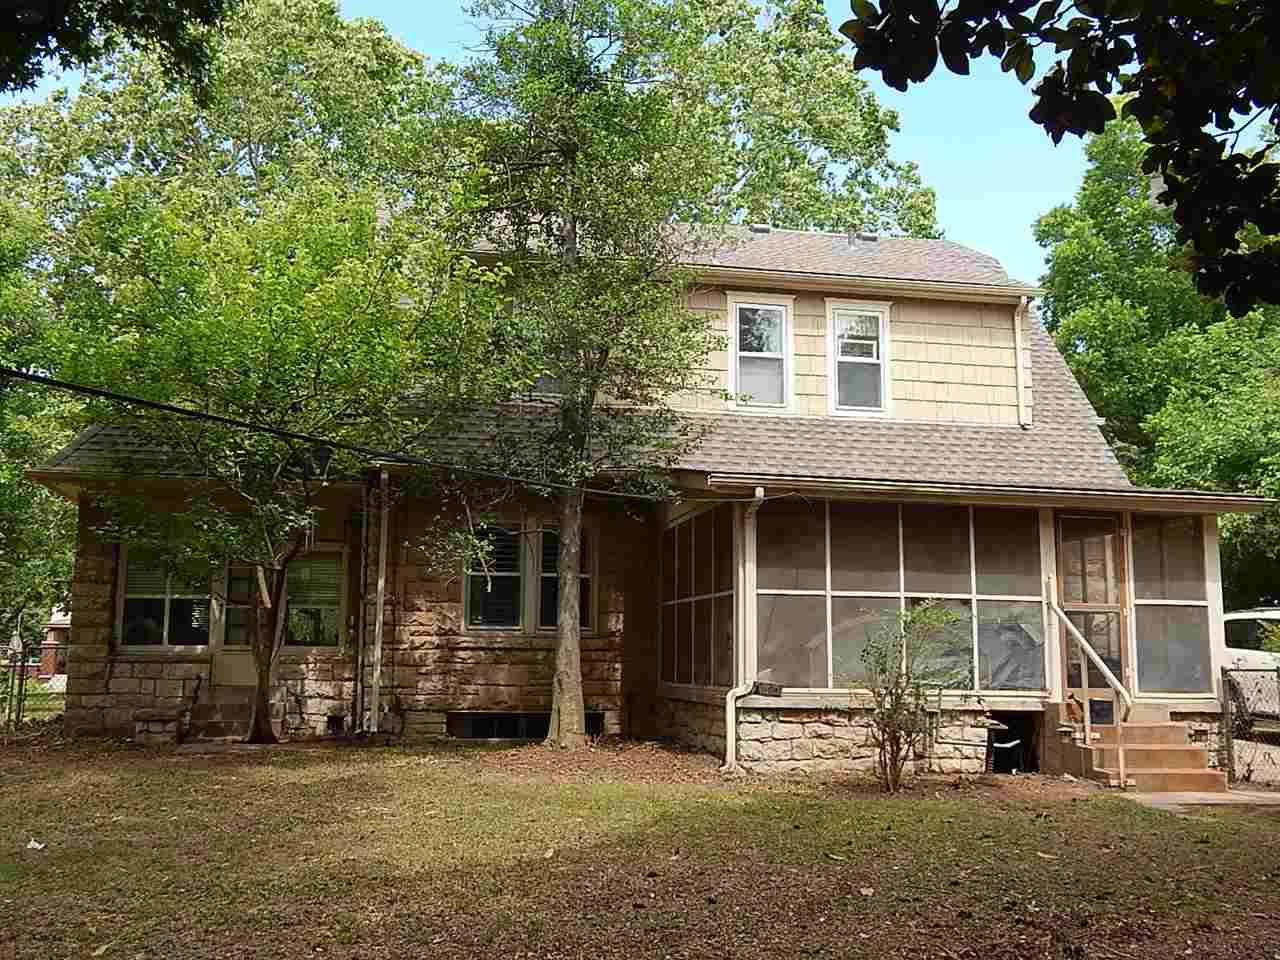 Sold Intraoffice W/MLS | 215 Virginia Ponca City, OK 74601 27